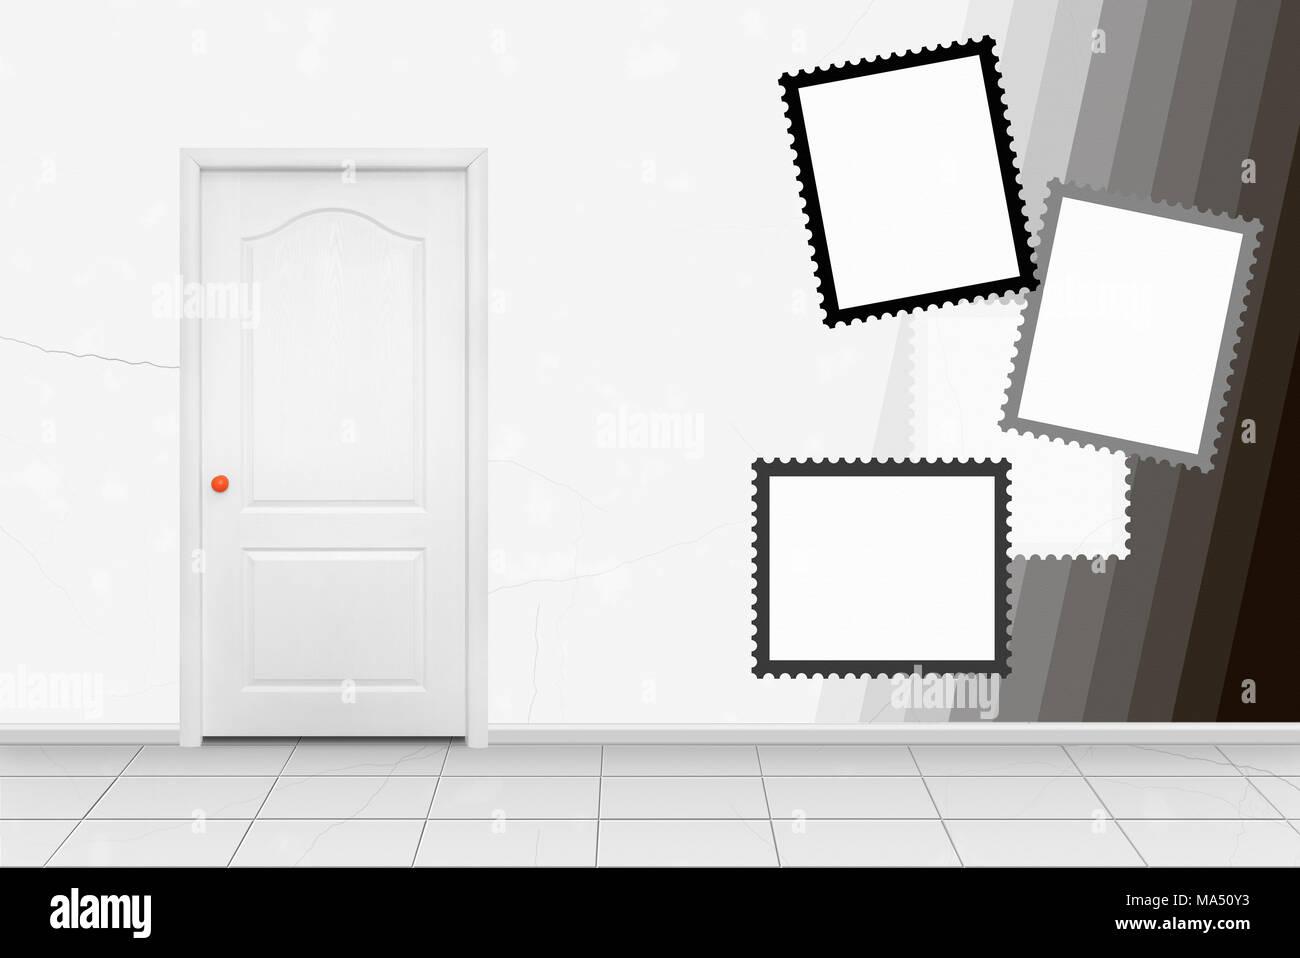 Home interior - White inside door in the orange handle in front of ...